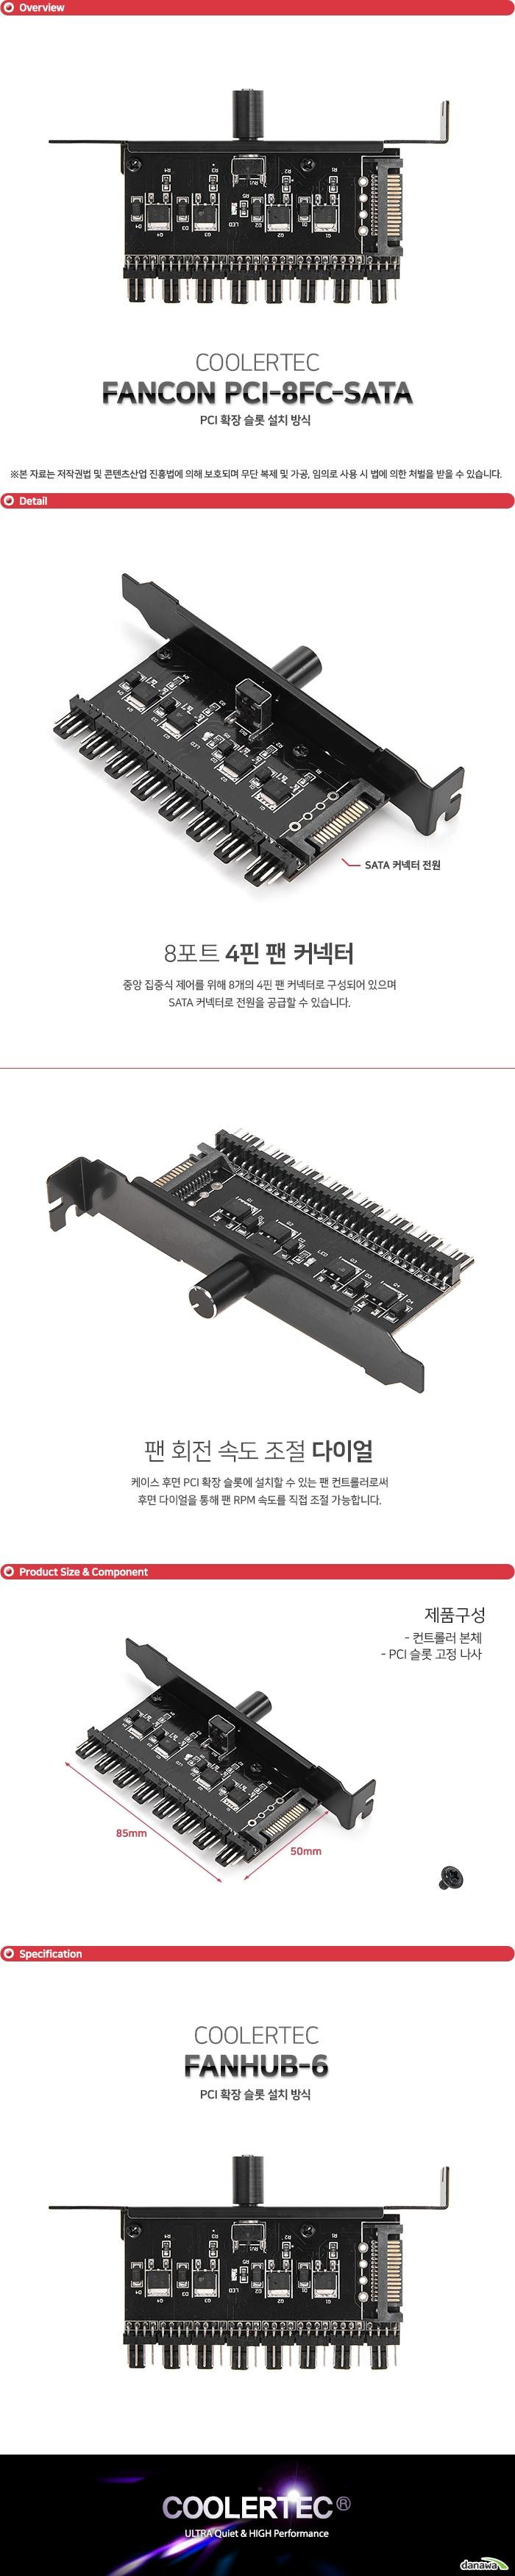 COOLERTEC FANCON PCI-8FC-SATA